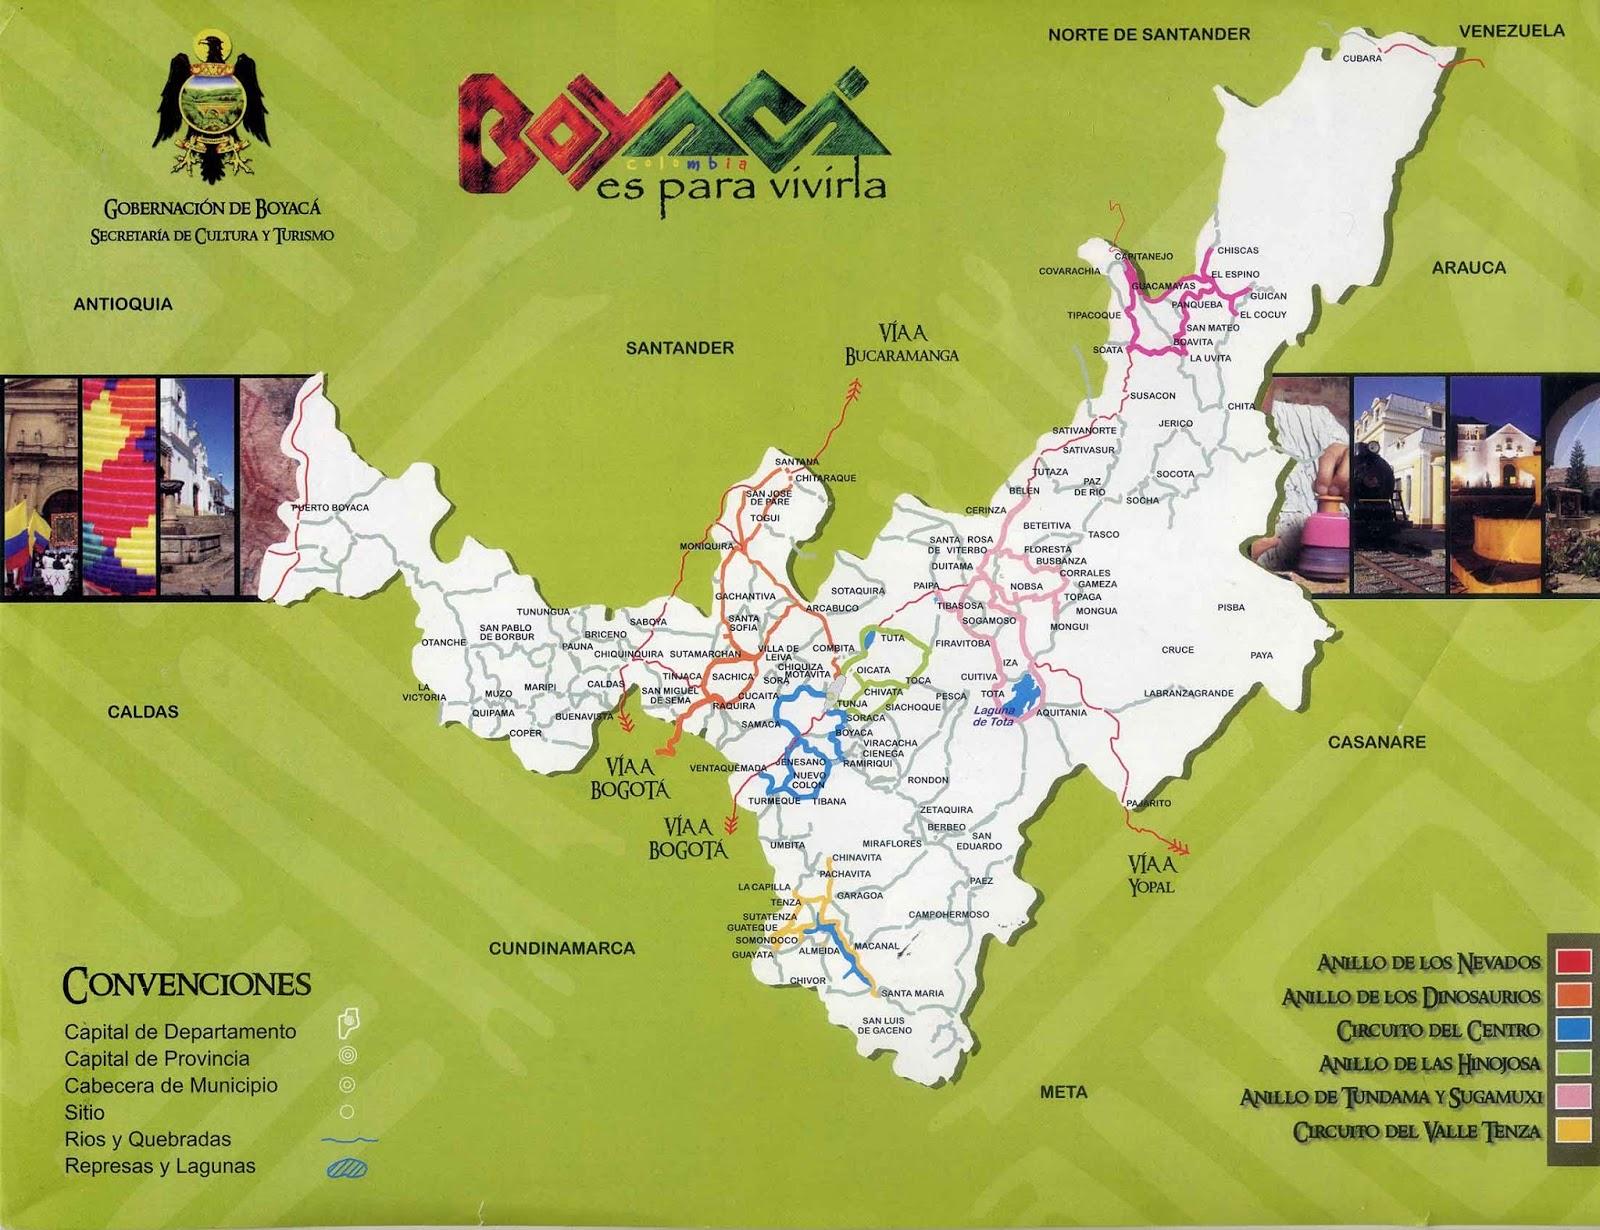 Encuentra mapa vial boyaca en mercado libre - kithtarente gq